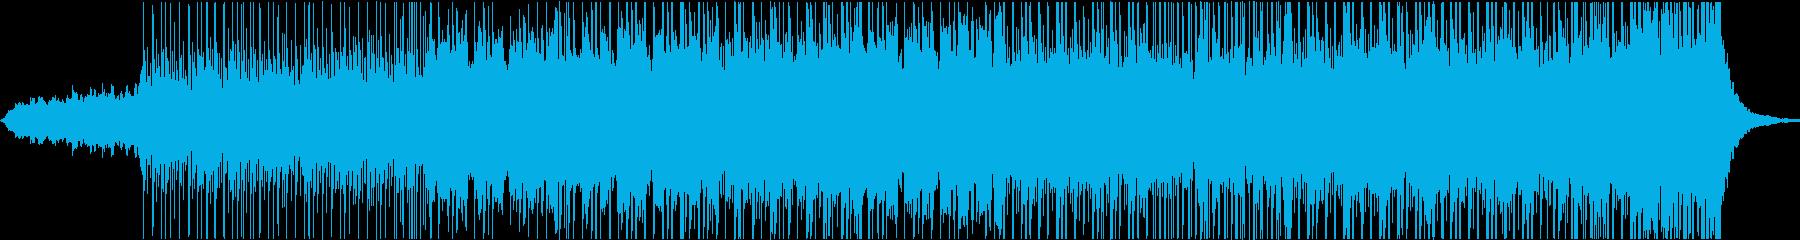 アンビエントミュージック 瞑想 さ...の再生済みの波形